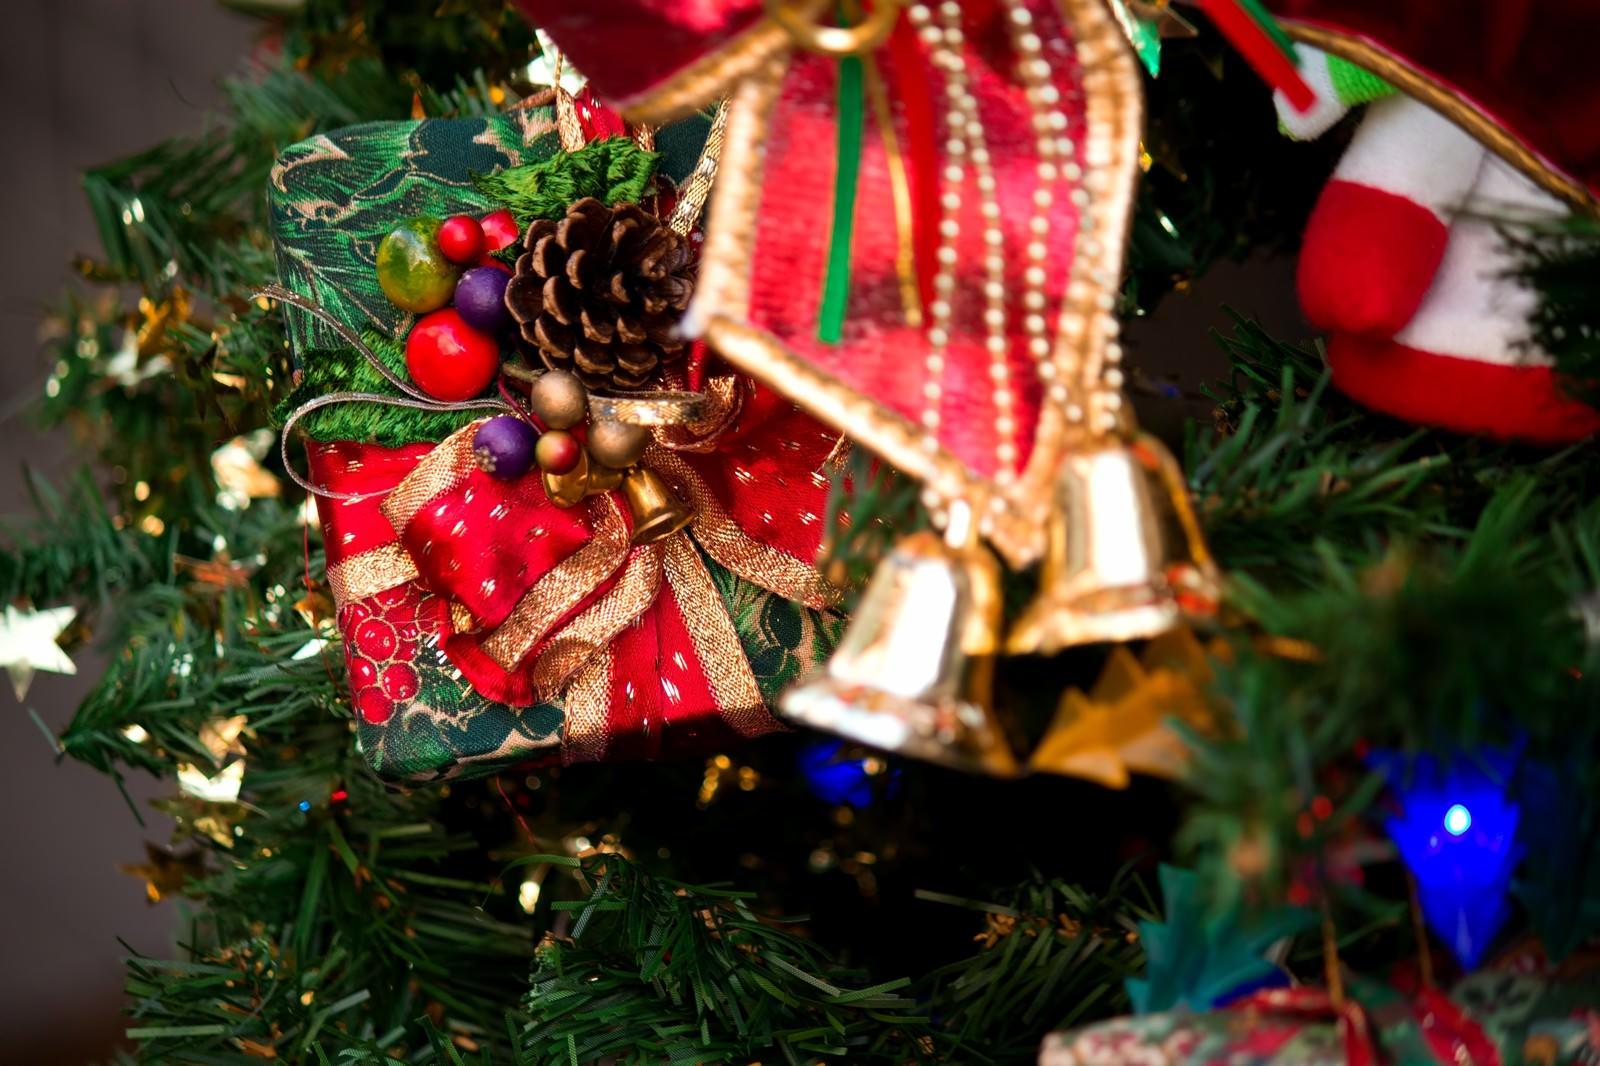 「クリスマスのプレゼントとツリー」の写真